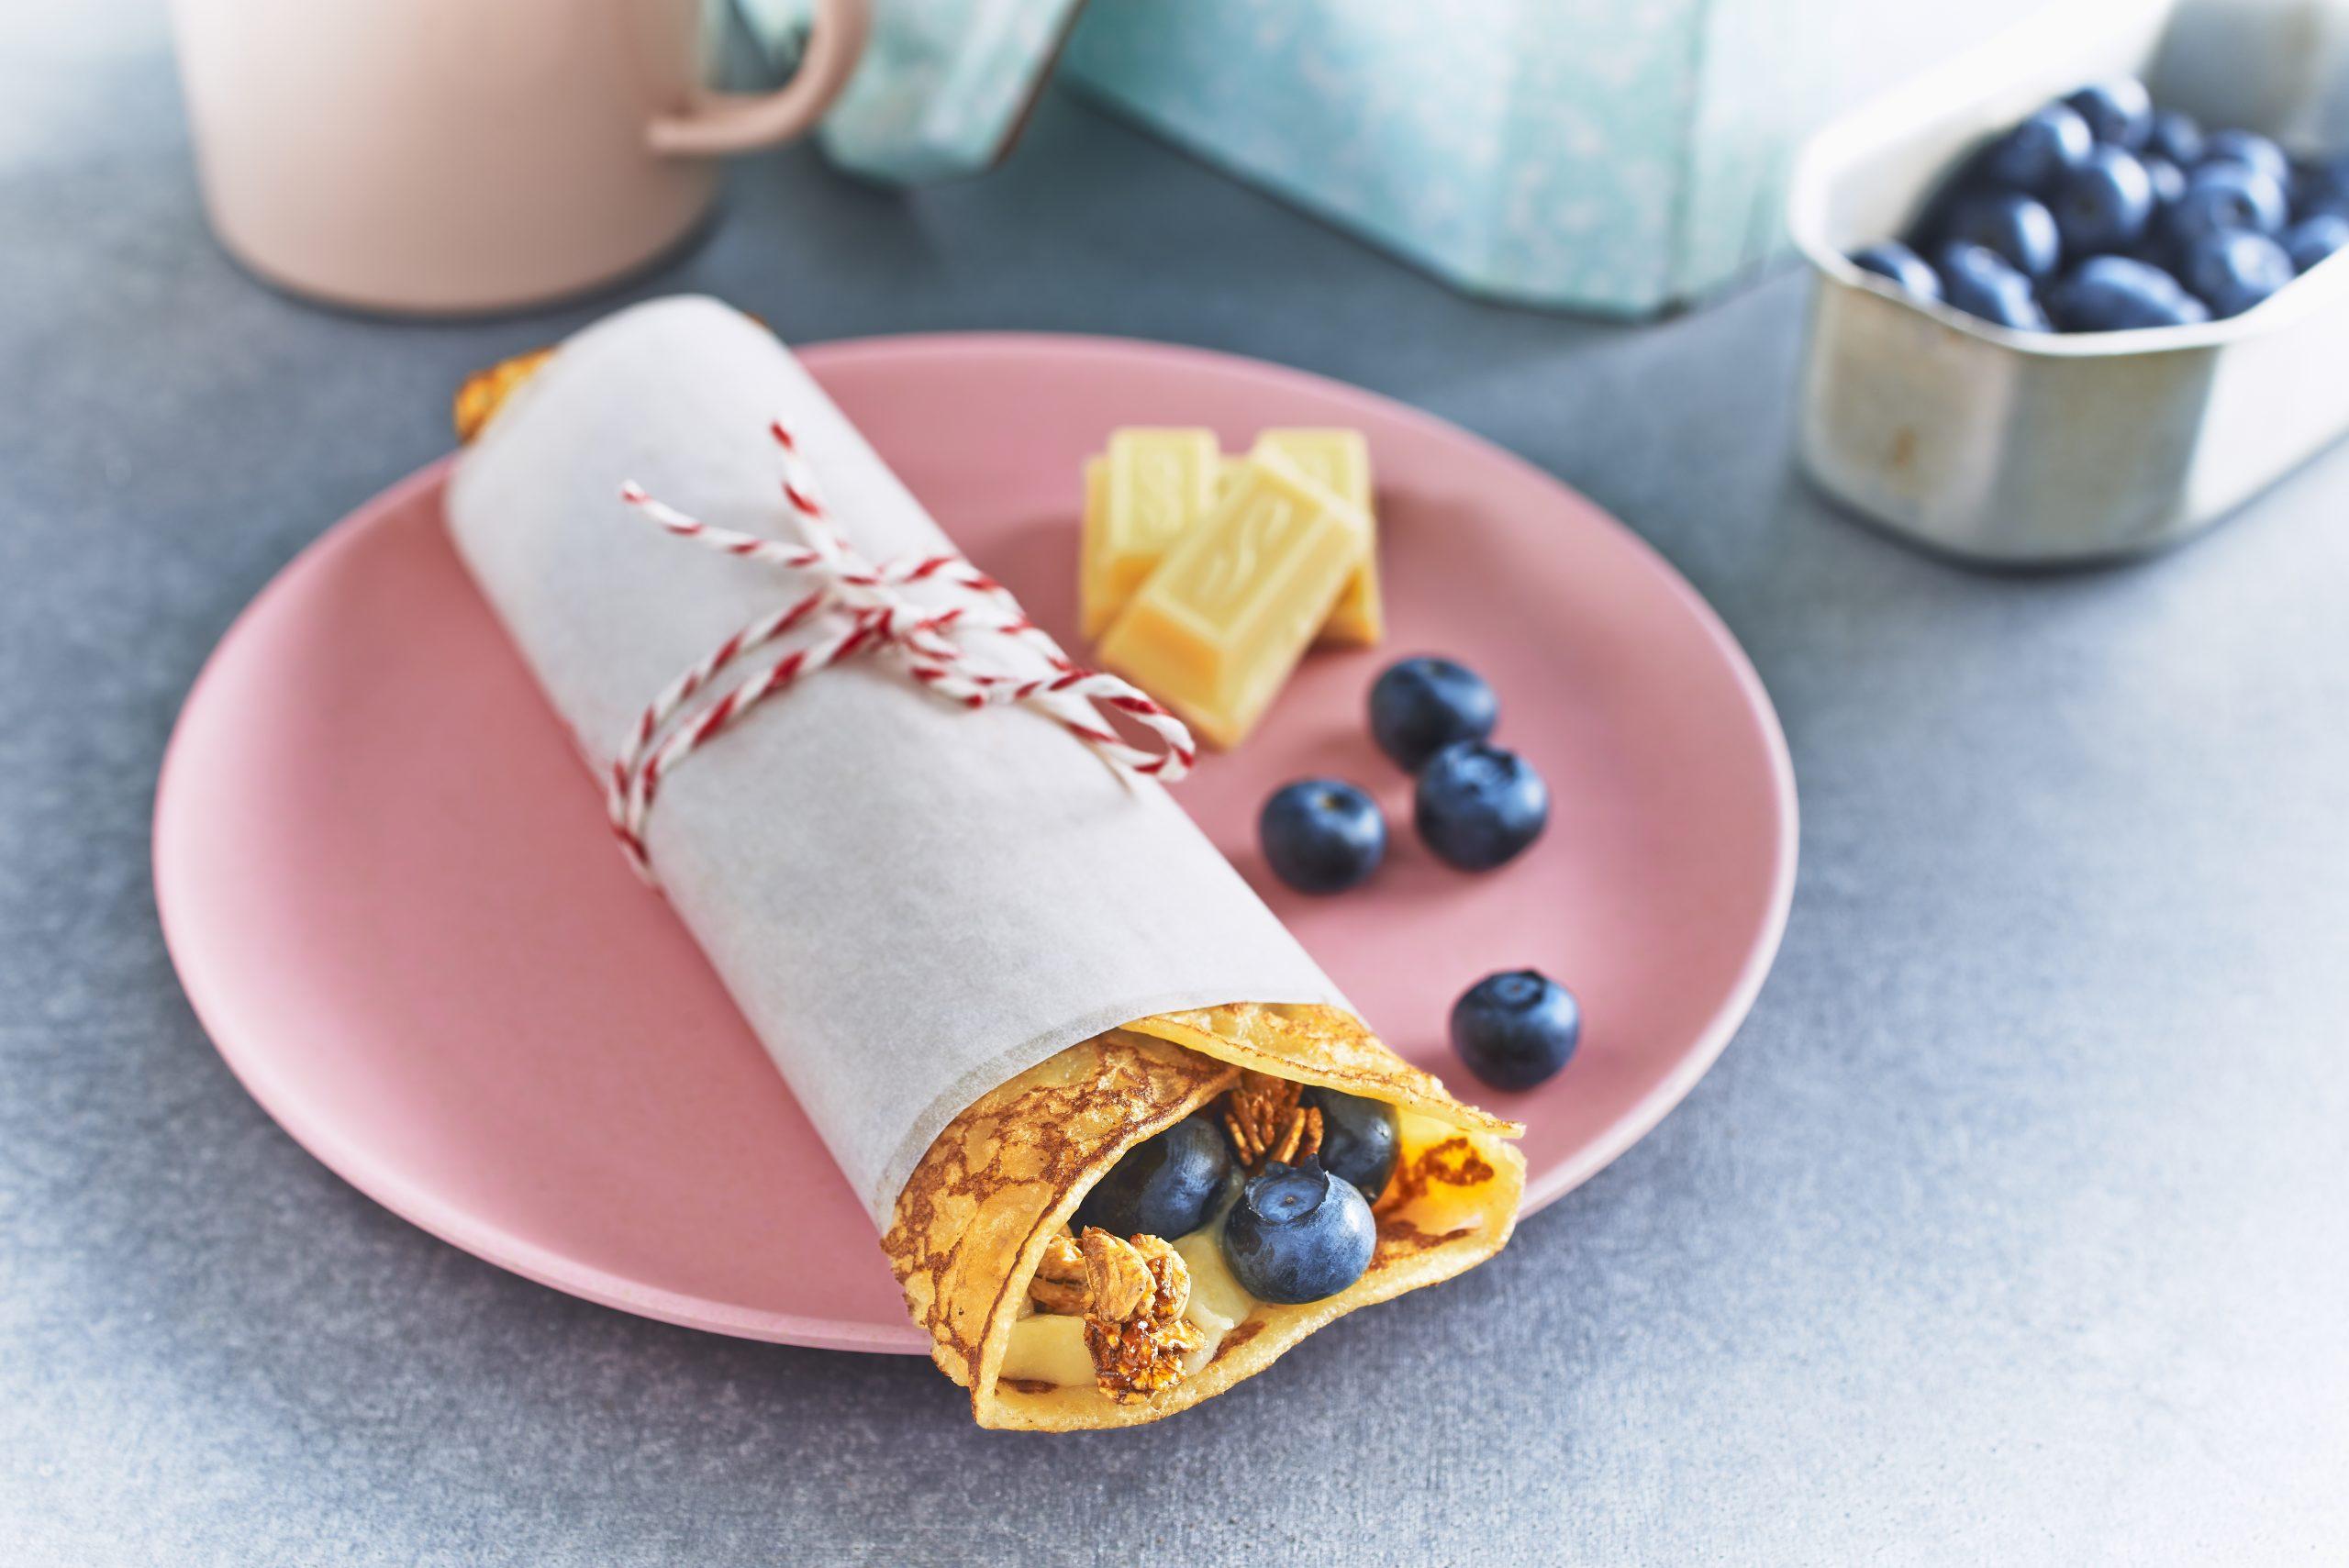 Ein süßer Wrap gefüllt mit einer Creme aus weißer Schokolade und Macadamia-Nüssen sowie mit herrlich frischen Blaubeeren schmeckt einfach super lecker und eignet sich perfekt fürs Mitnehmen, auch fürs Picknick.